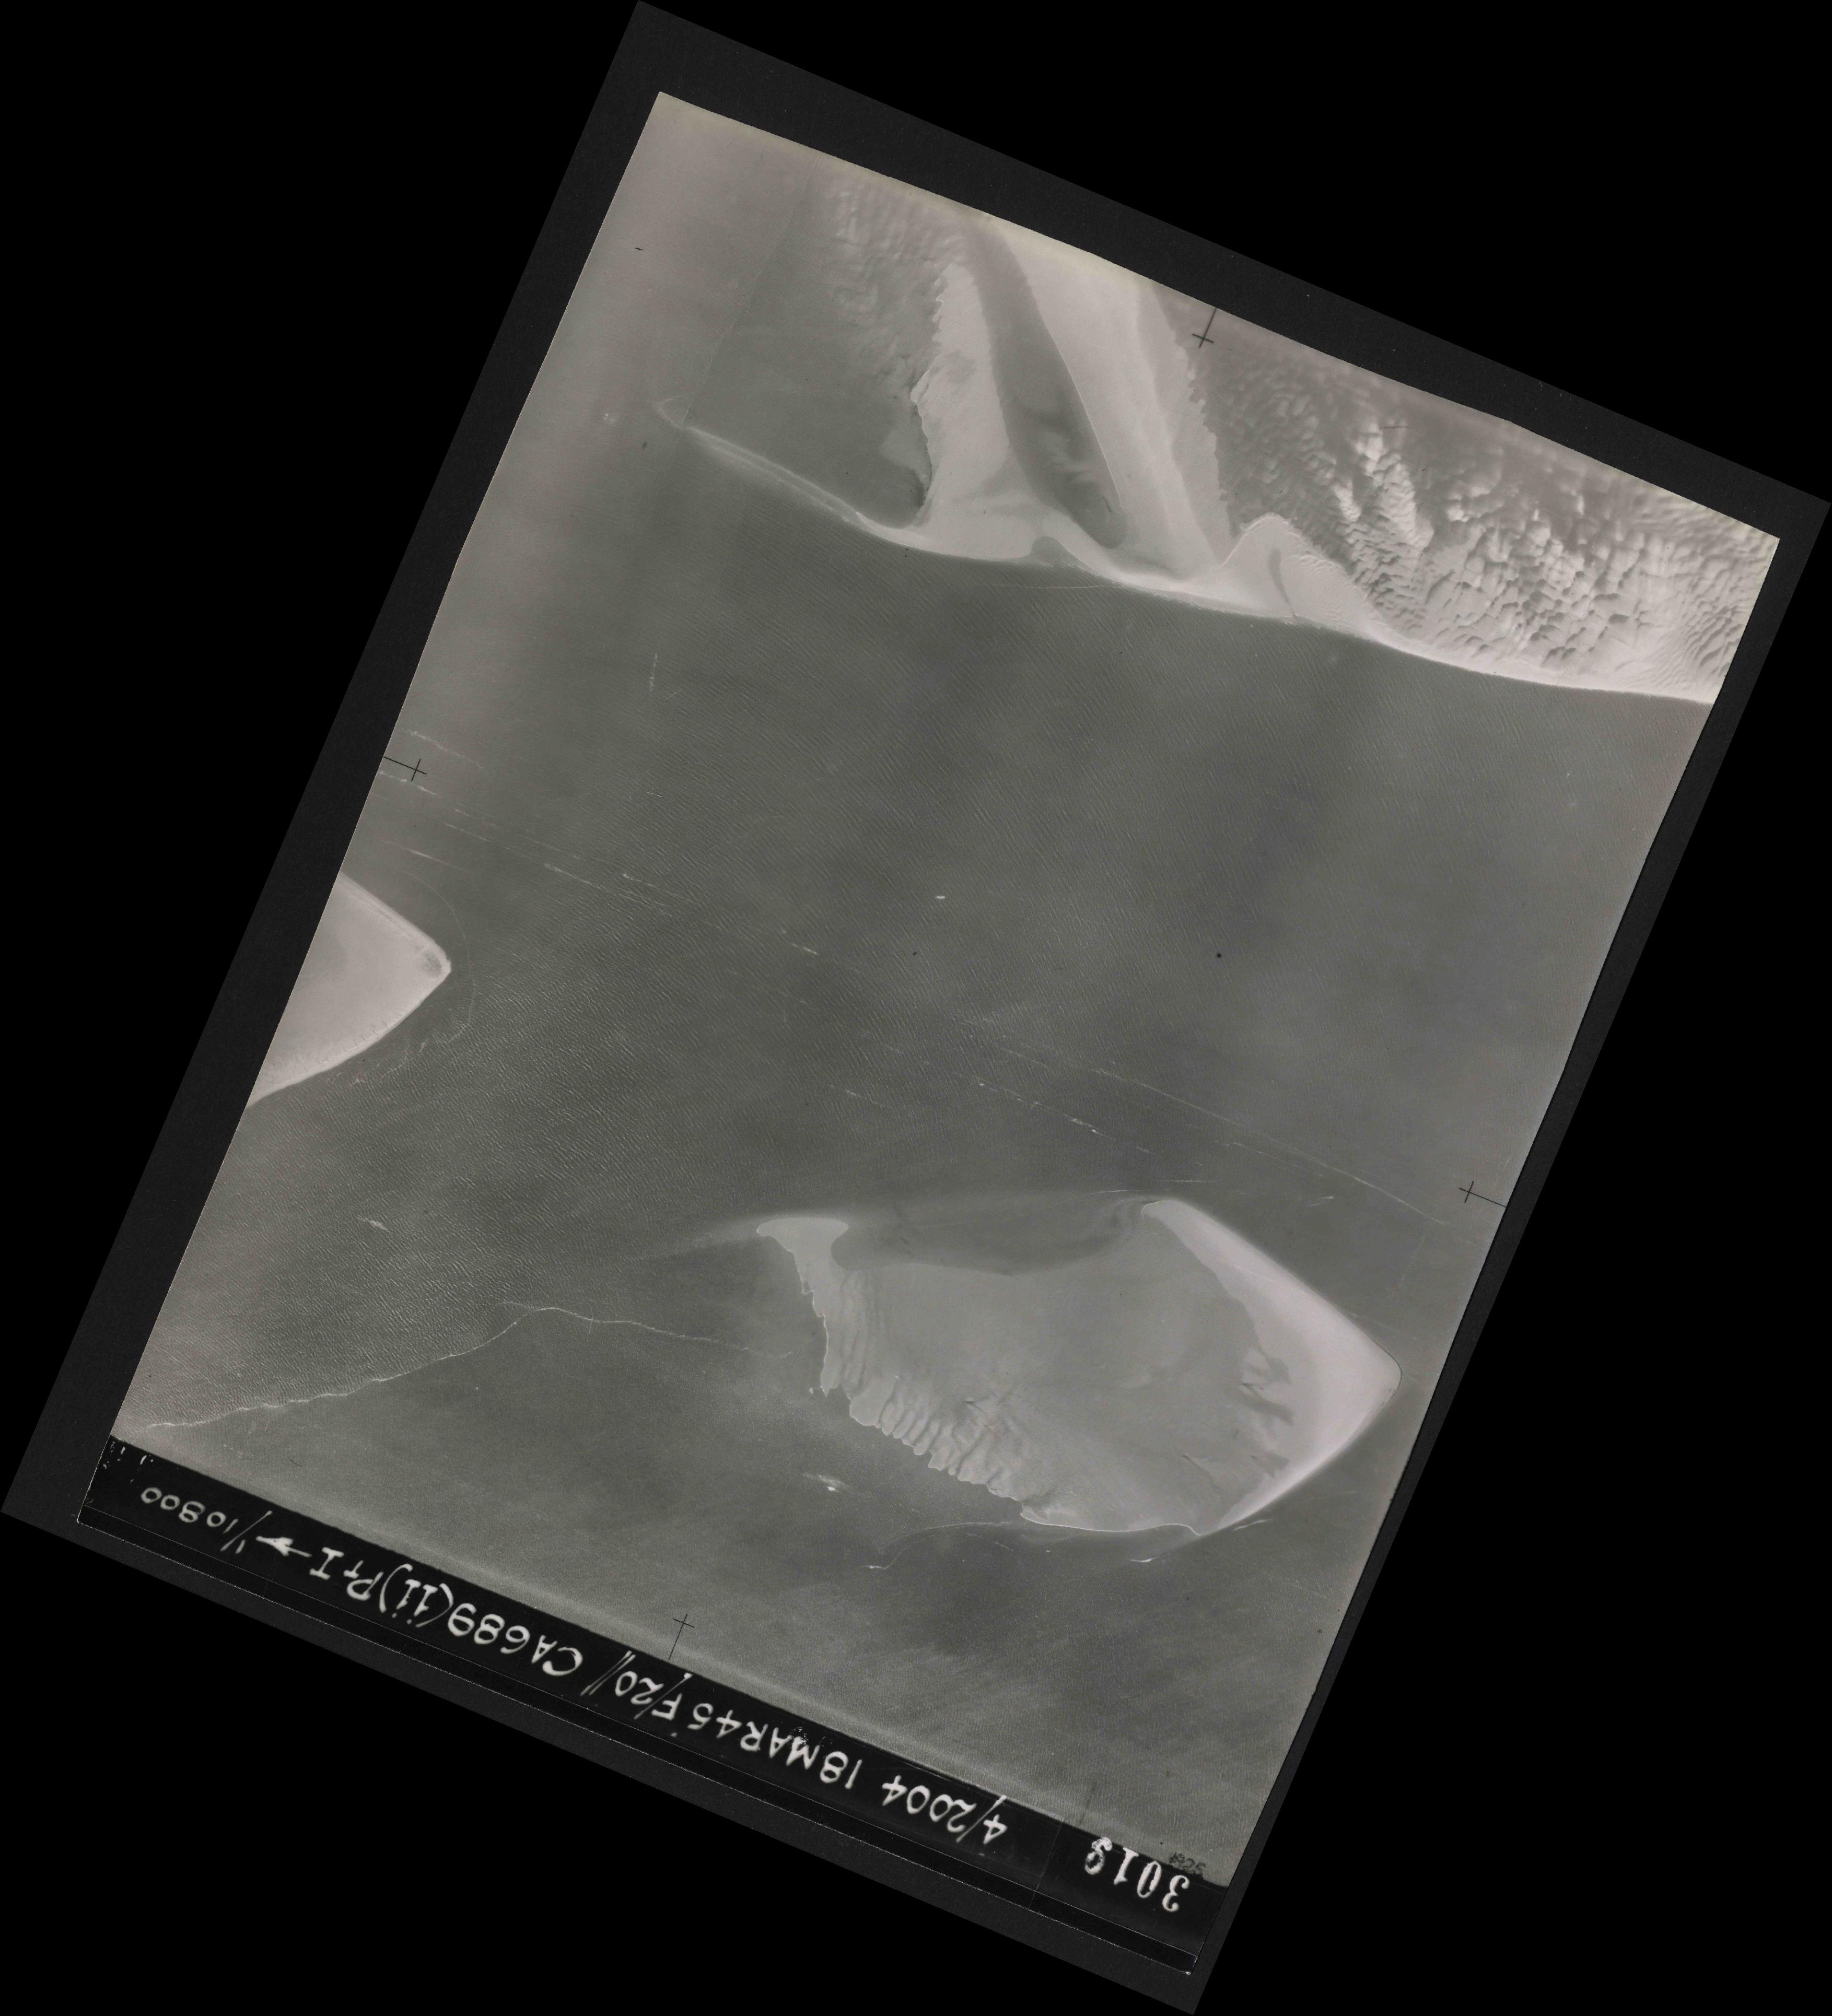 Collection RAF aerial photos 1940-1945 - flight 076, run 12, photo 3019